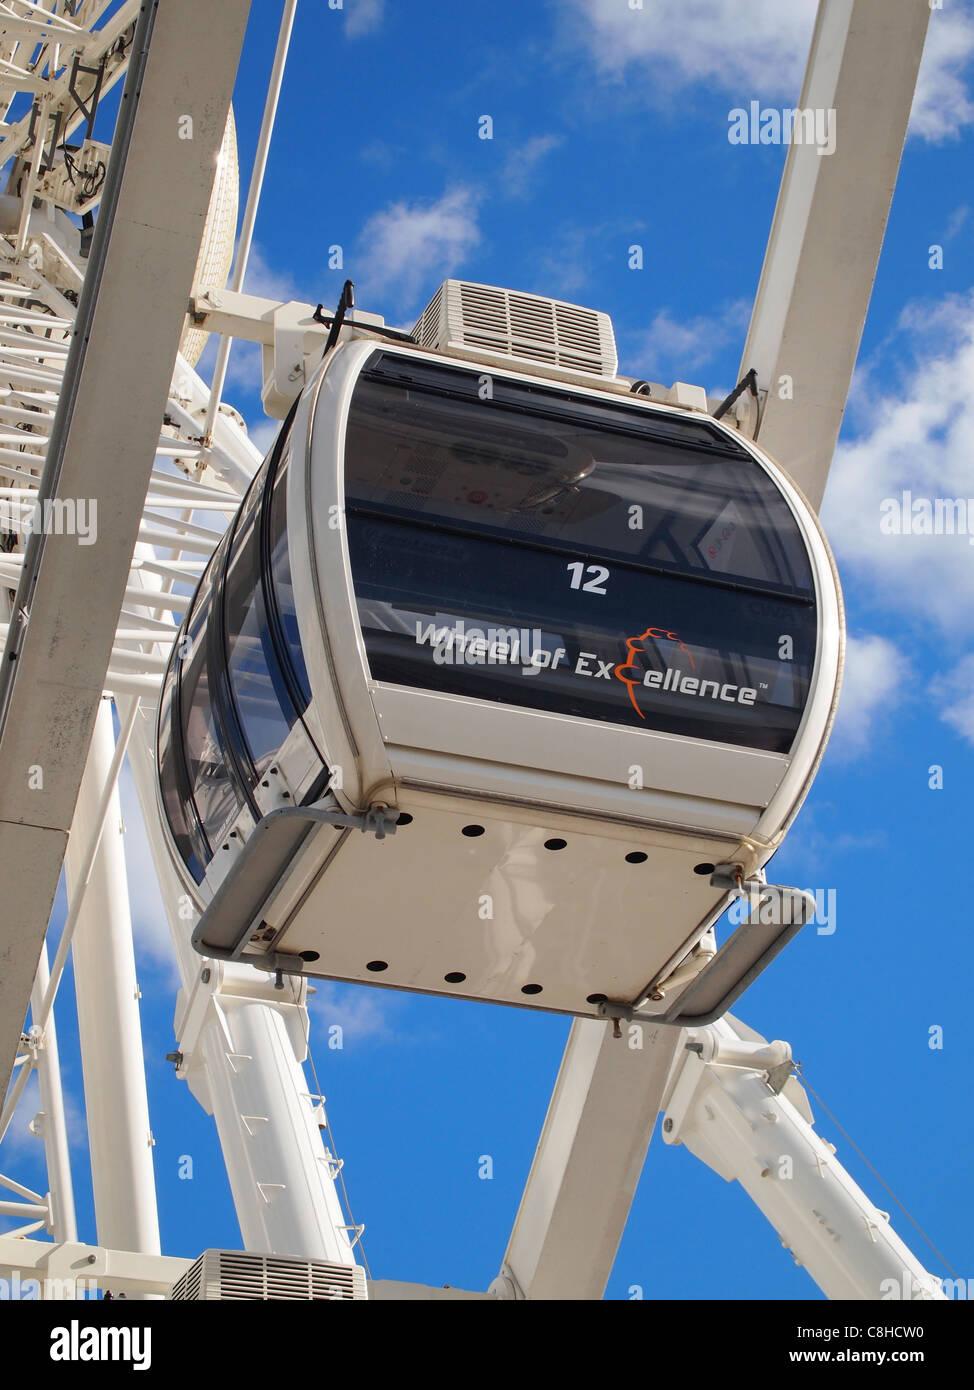 """Gondel auf der Brighton Rad - auch bekannt als """"The Wheel of Excellence"""" - eine neue Attraktion auf der Stockbild"""